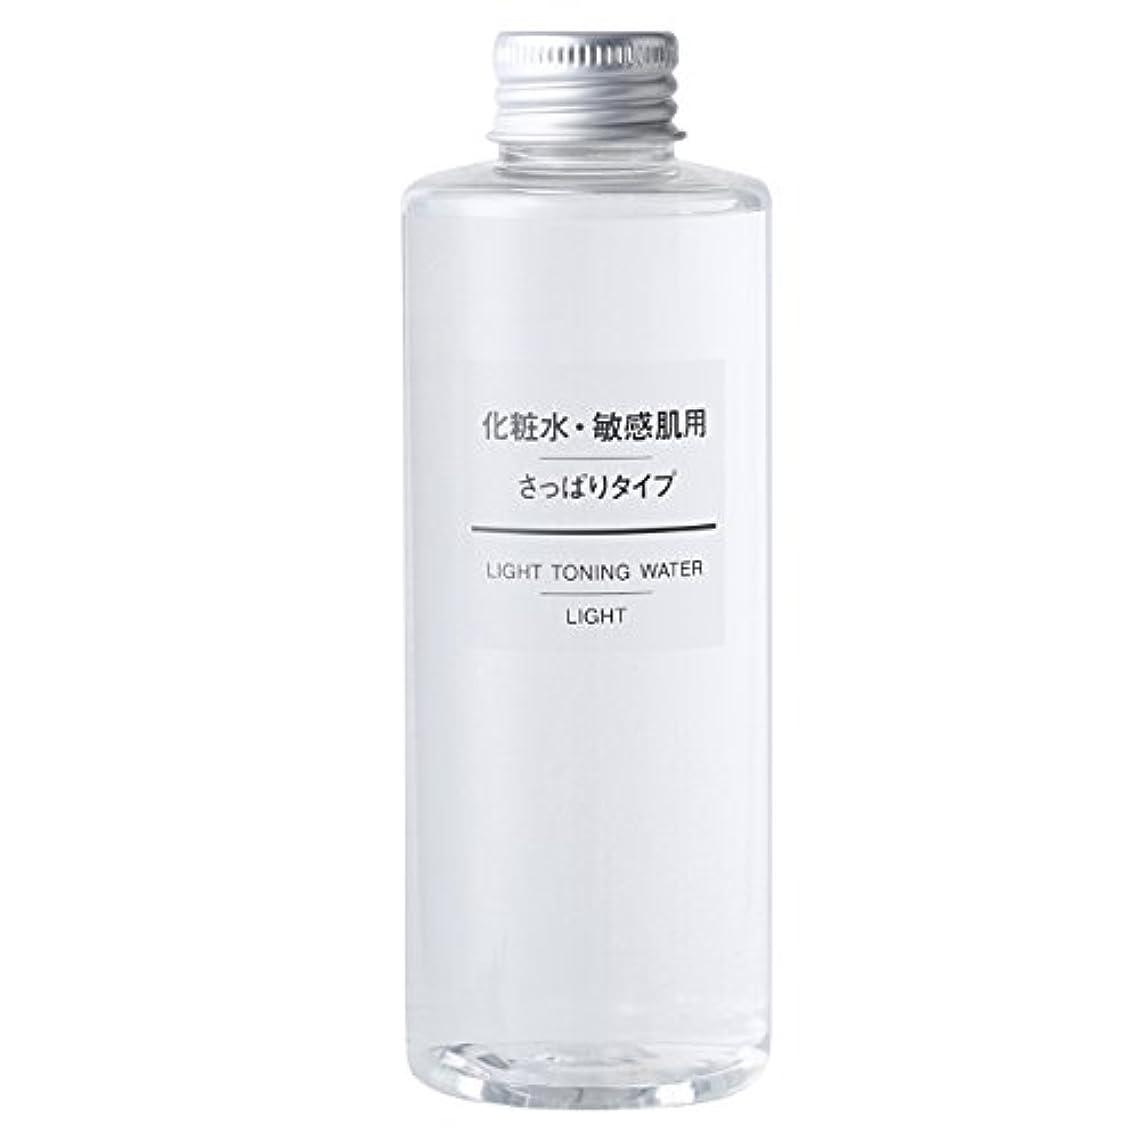 好意的揮発性構成無印良品 化粧水・敏感肌用・さっぱりタイプ 200mL